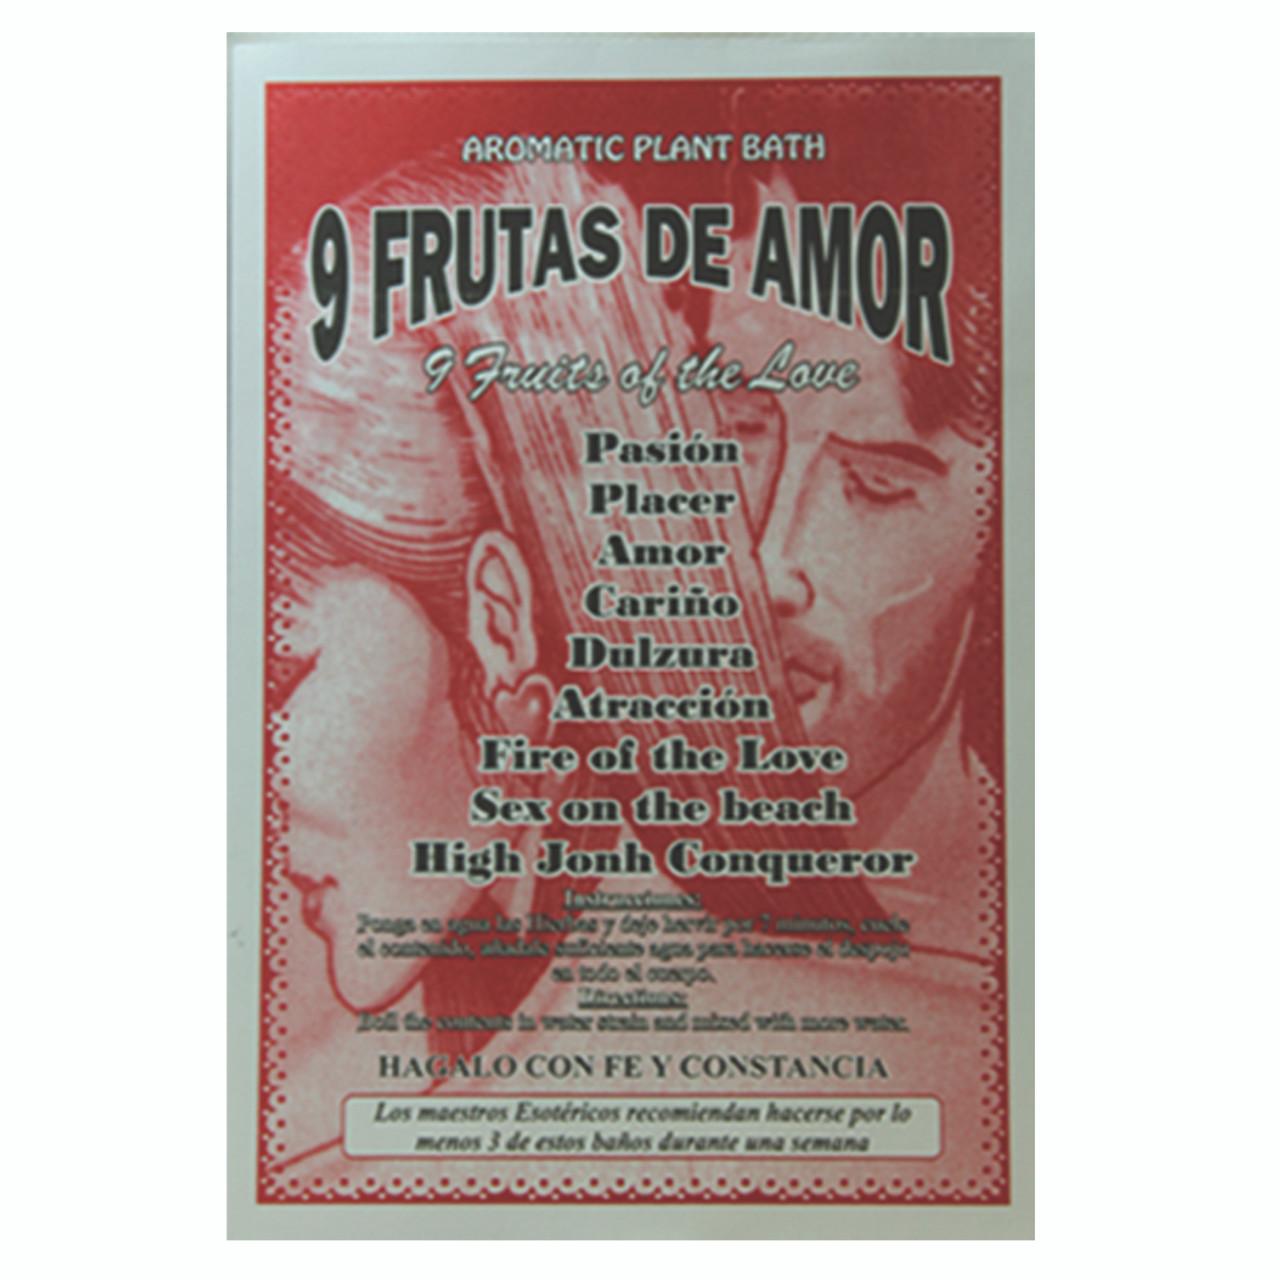 Planta en Sobre 9 Frutos de Amor  (Plant Bath 9 Fruits of Love)